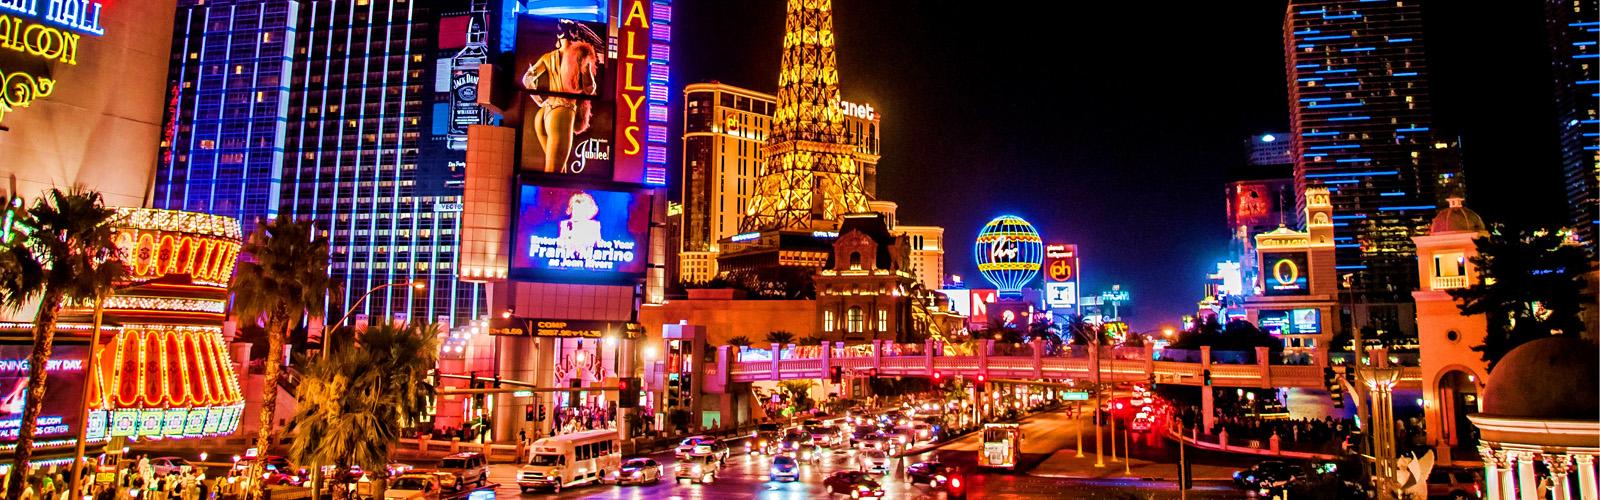 casino las vegas online indiana jones schrift